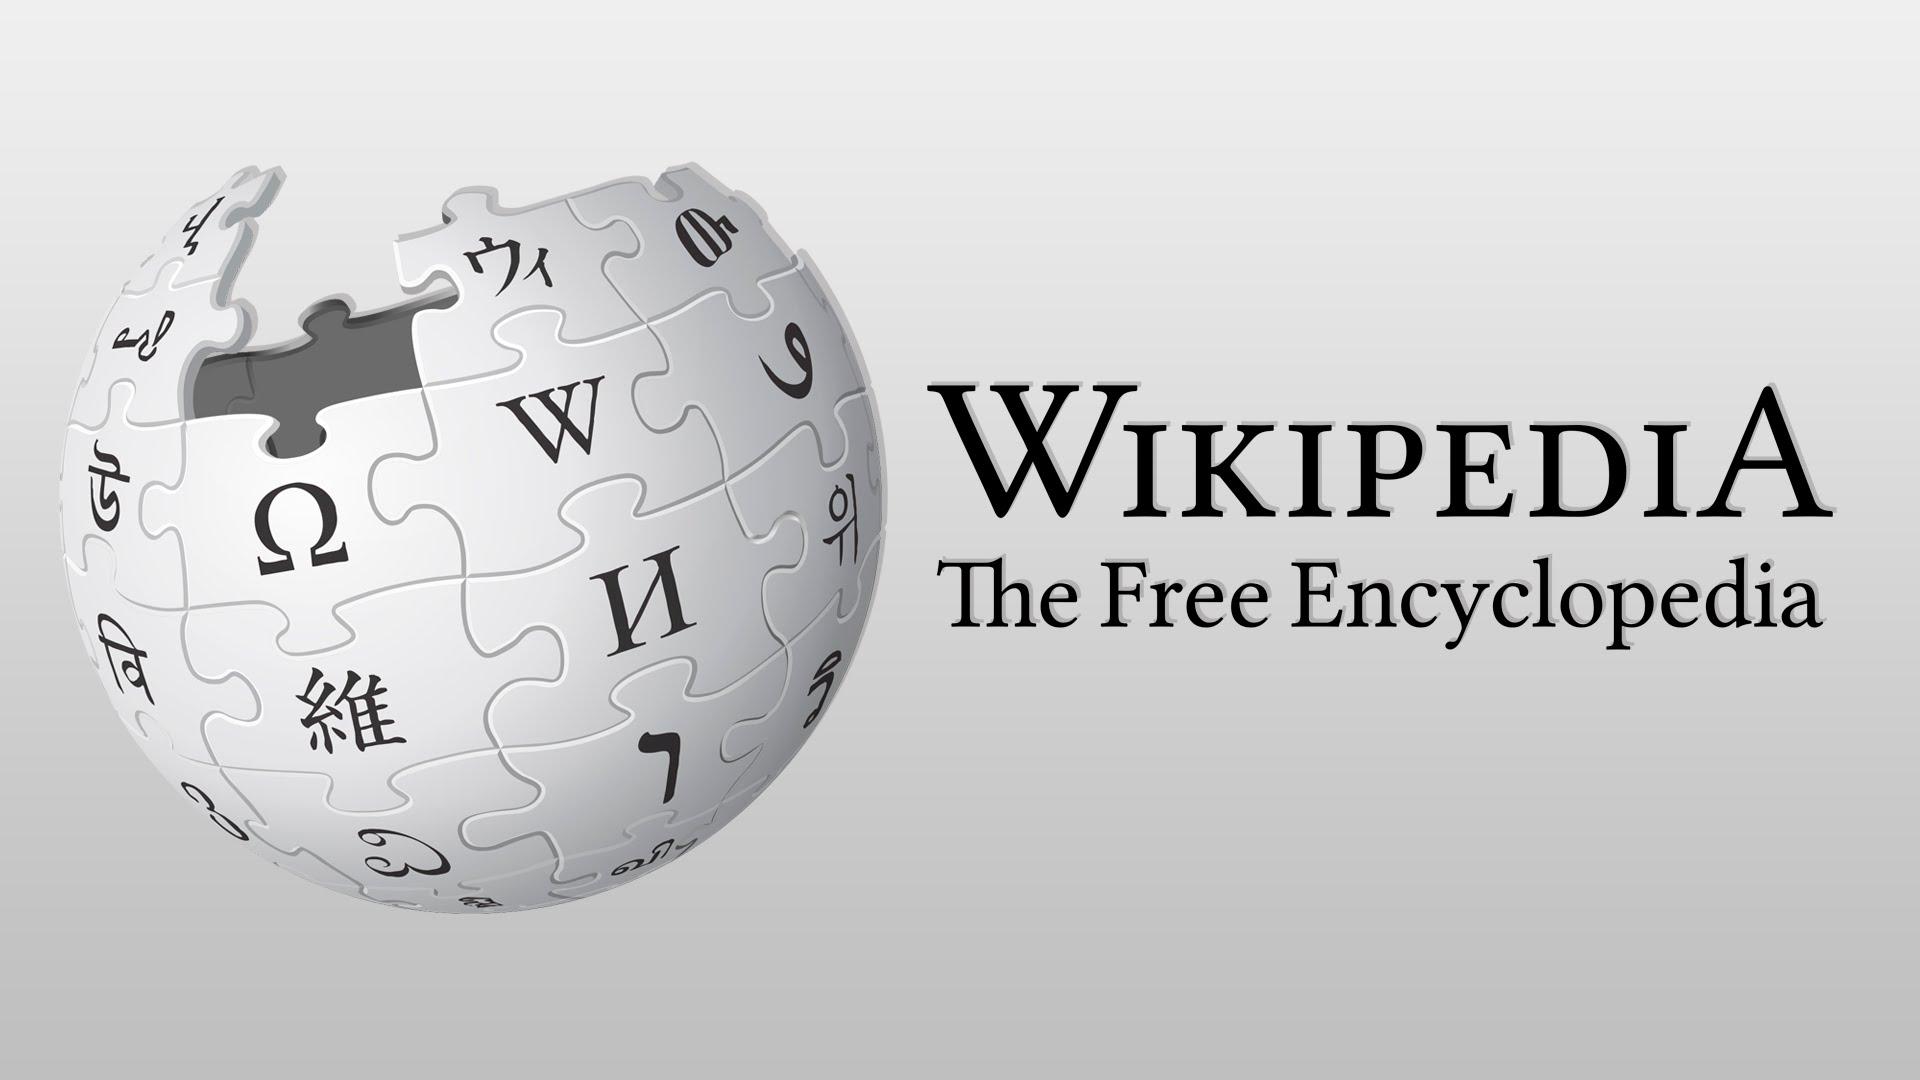 Τί ειναι το Wiki και ποιός ο ρόλος του στην εκπαίδευση